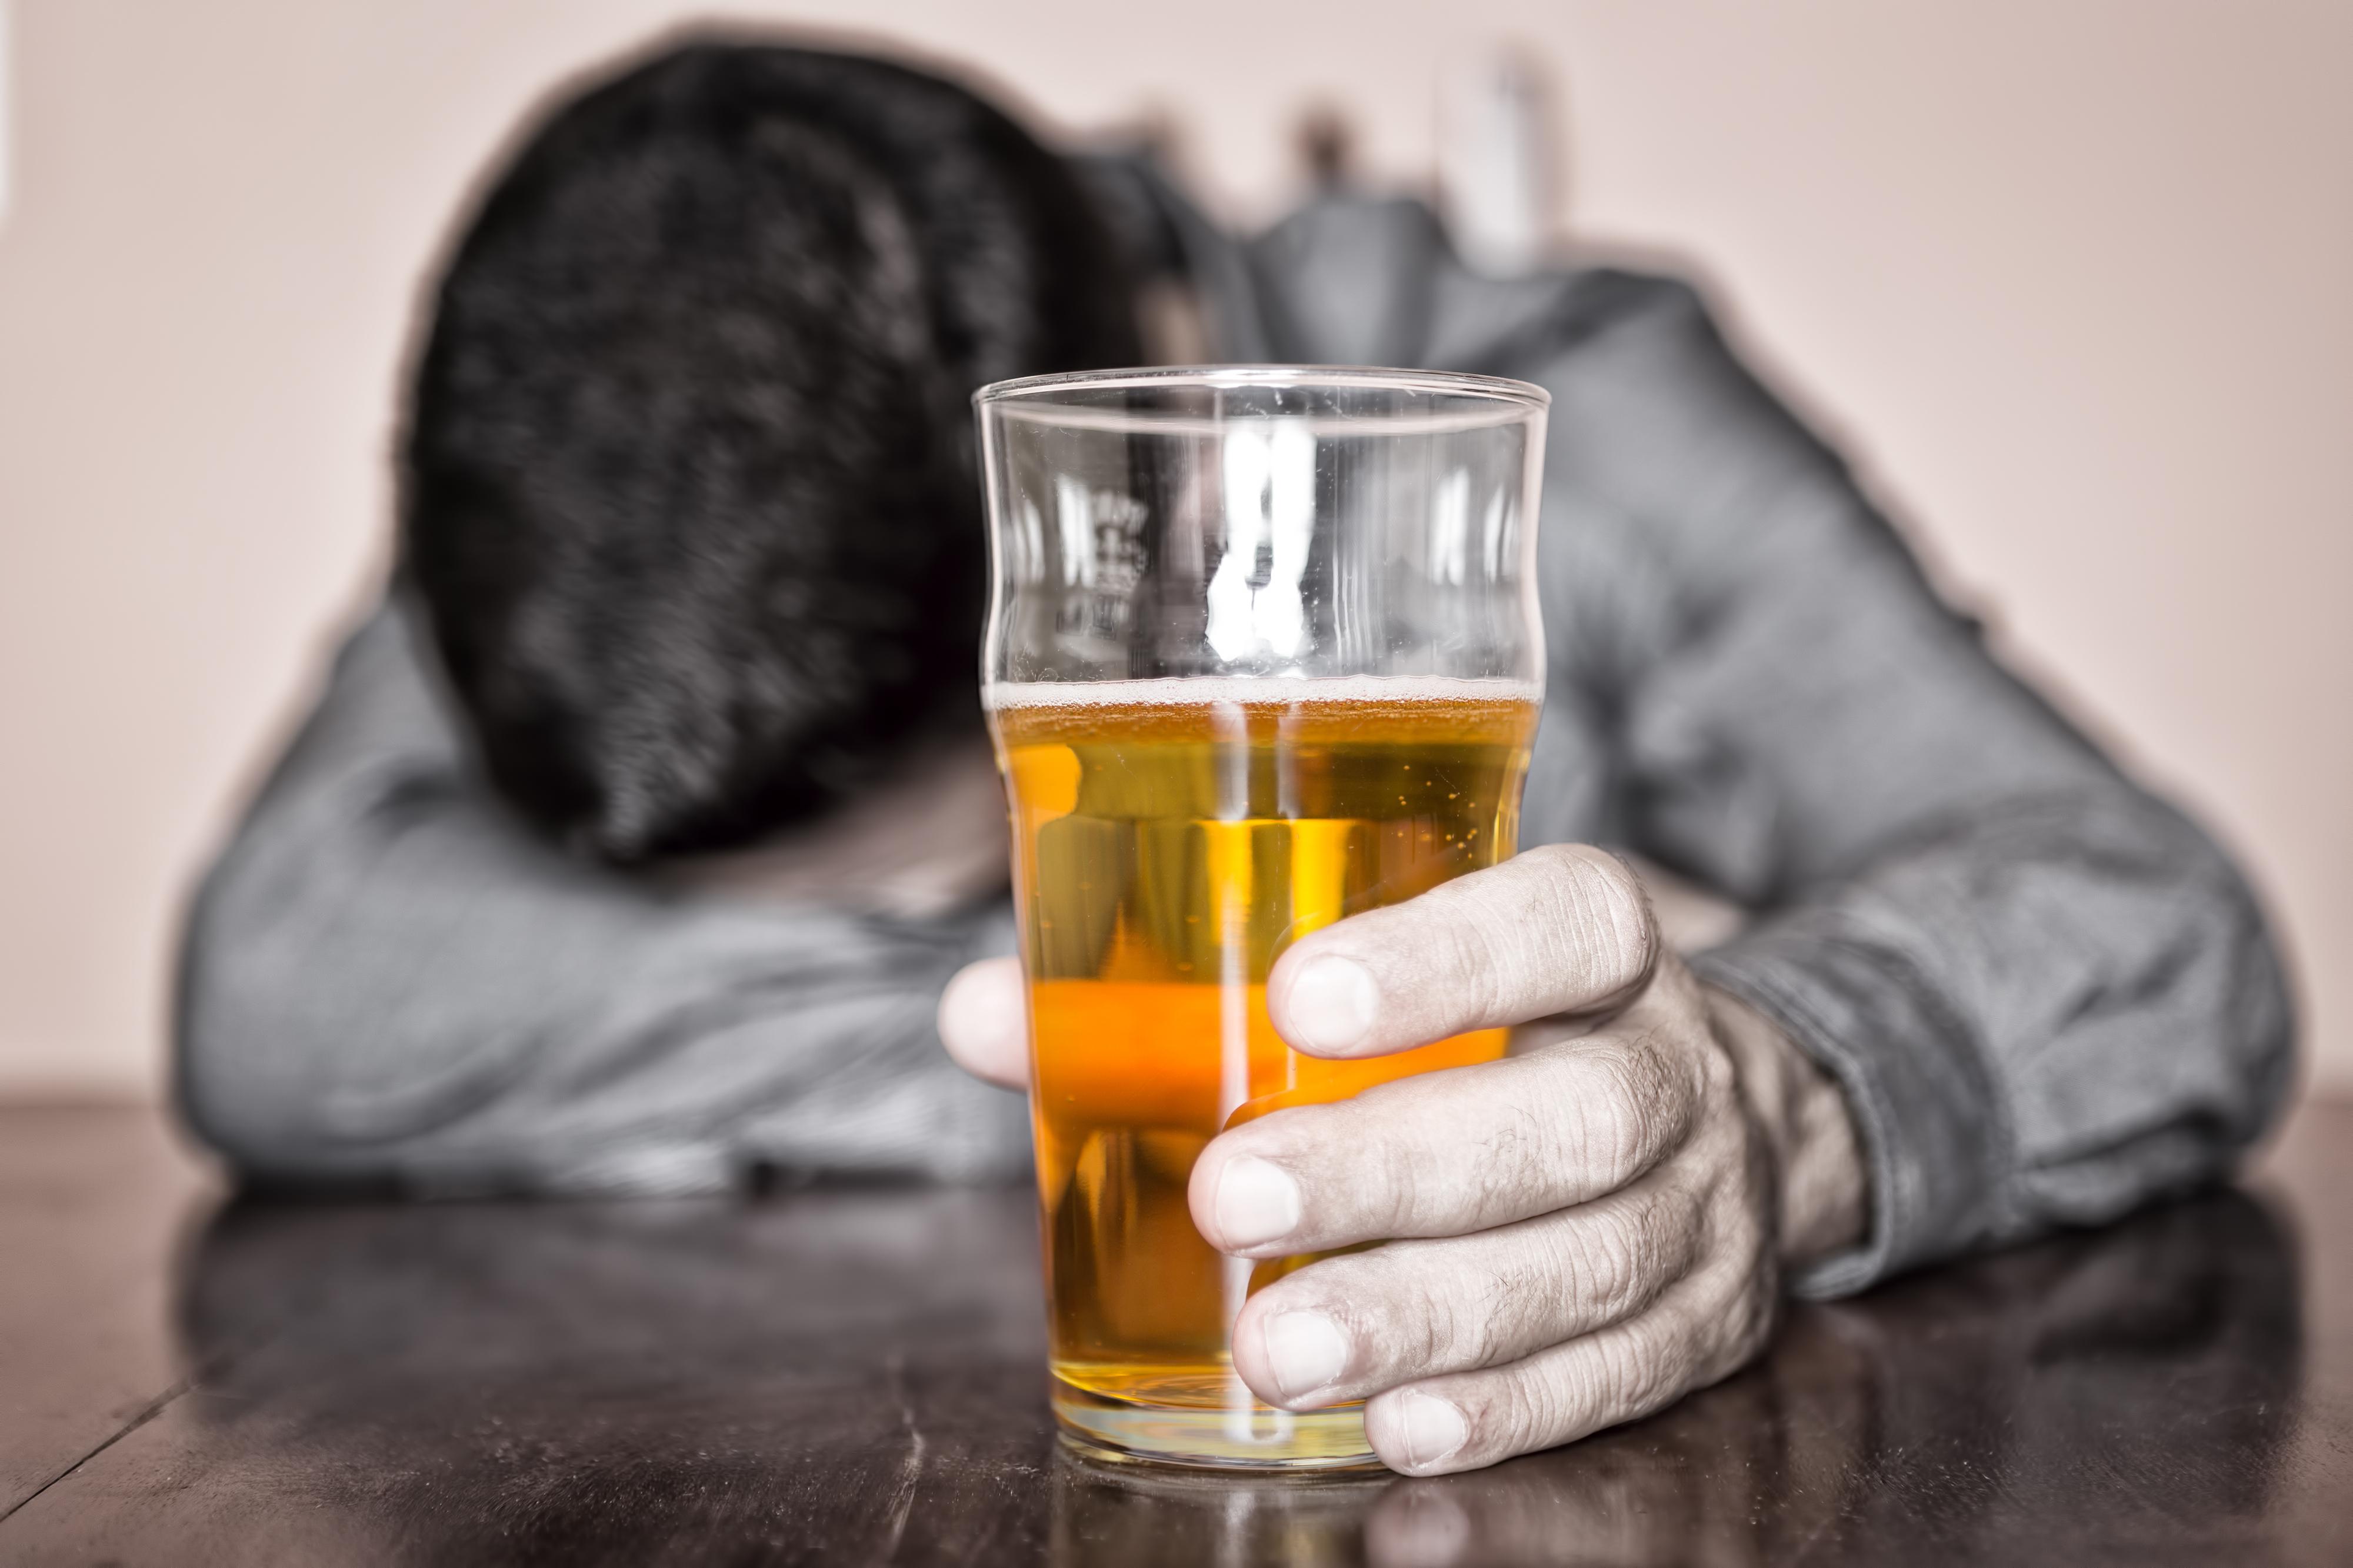 ¡La verdadera felicidad no se haya bajo los efectos del alcohol! - La historia de Esteban, quien fue rescatado de las profundidades del alcohol